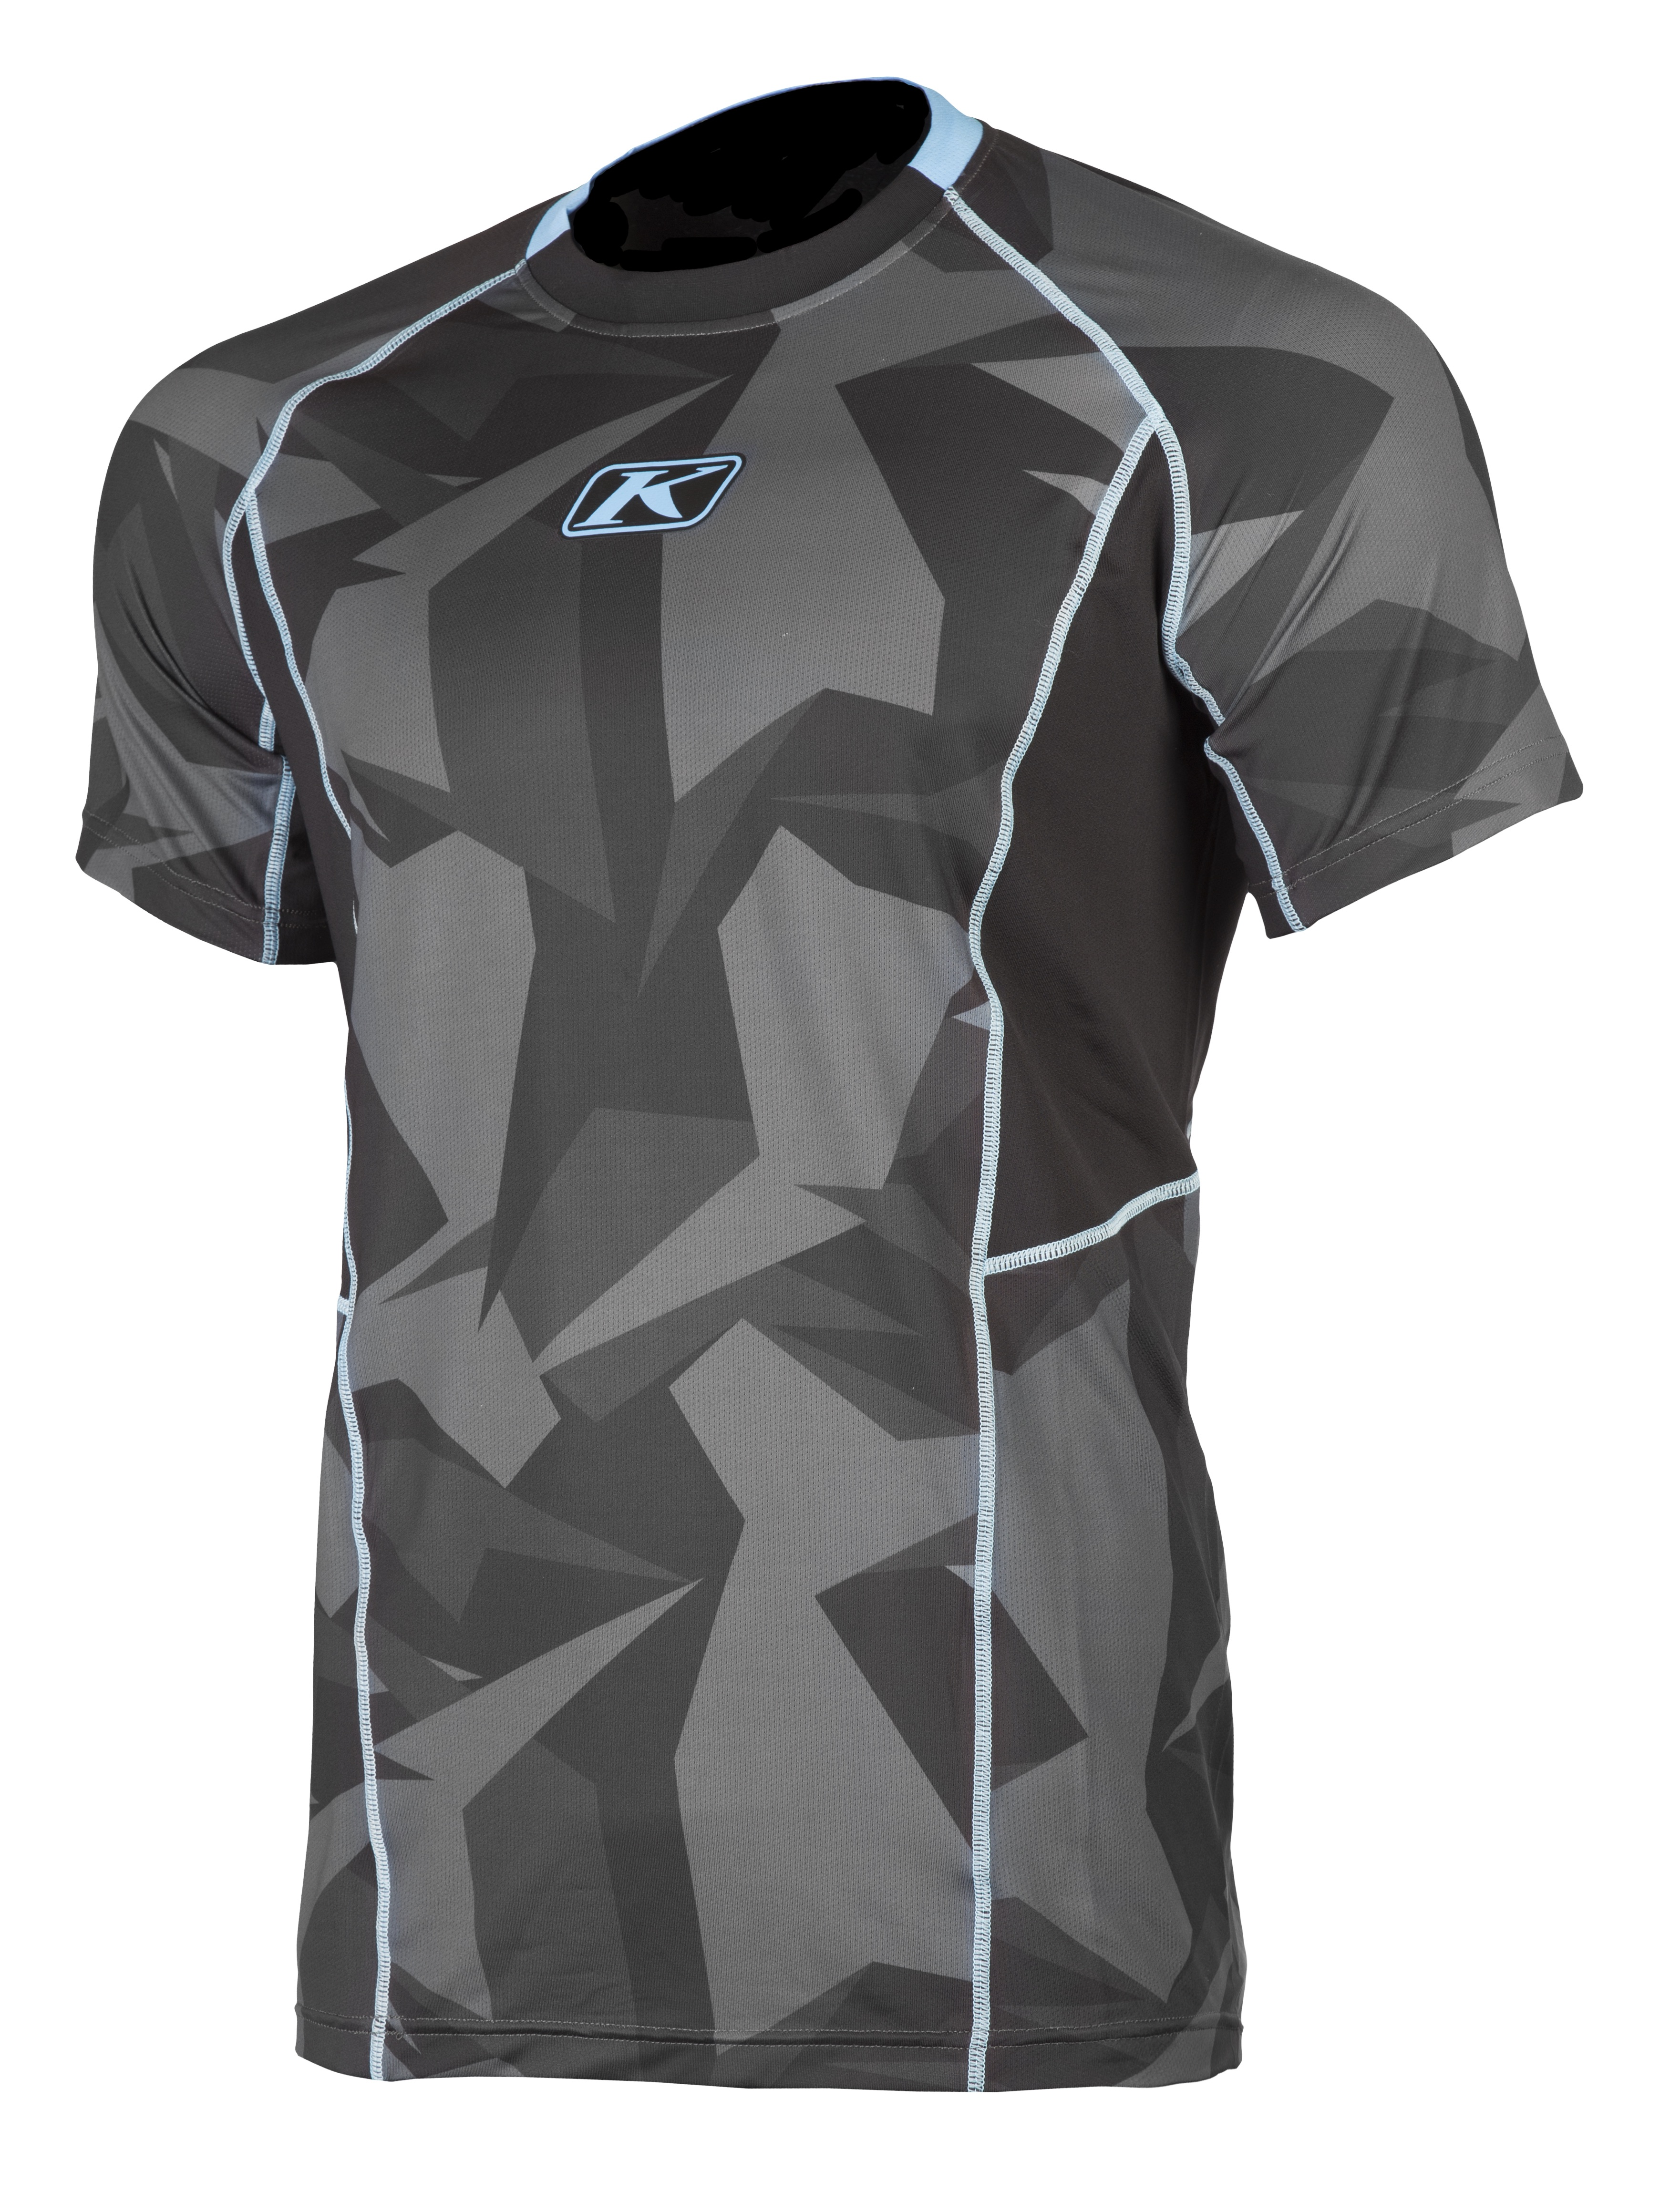 Aggressor shirt